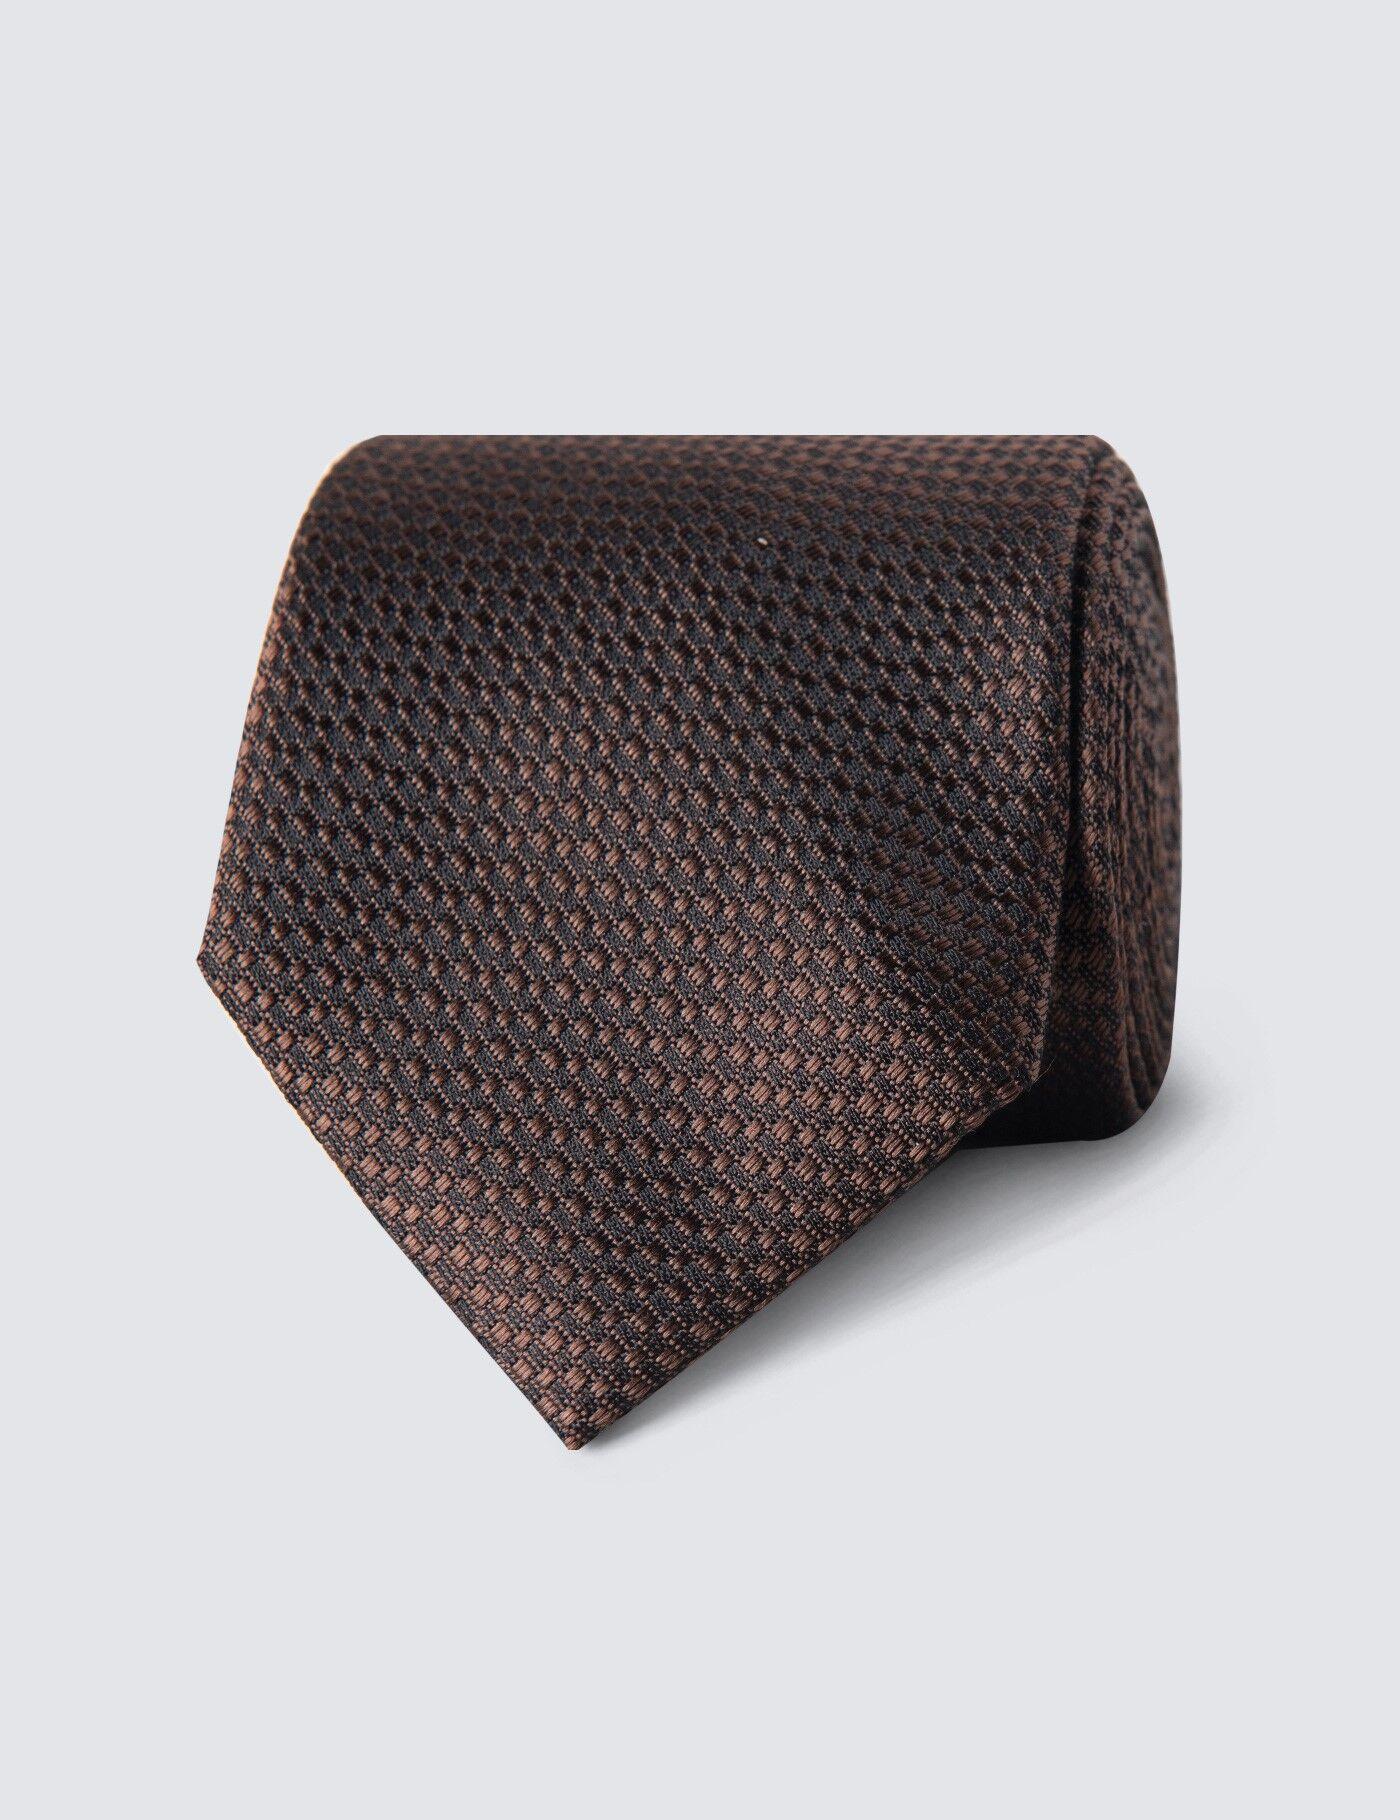 Hawes & Curtis Men's Textured Tie in Brown 100% Silk